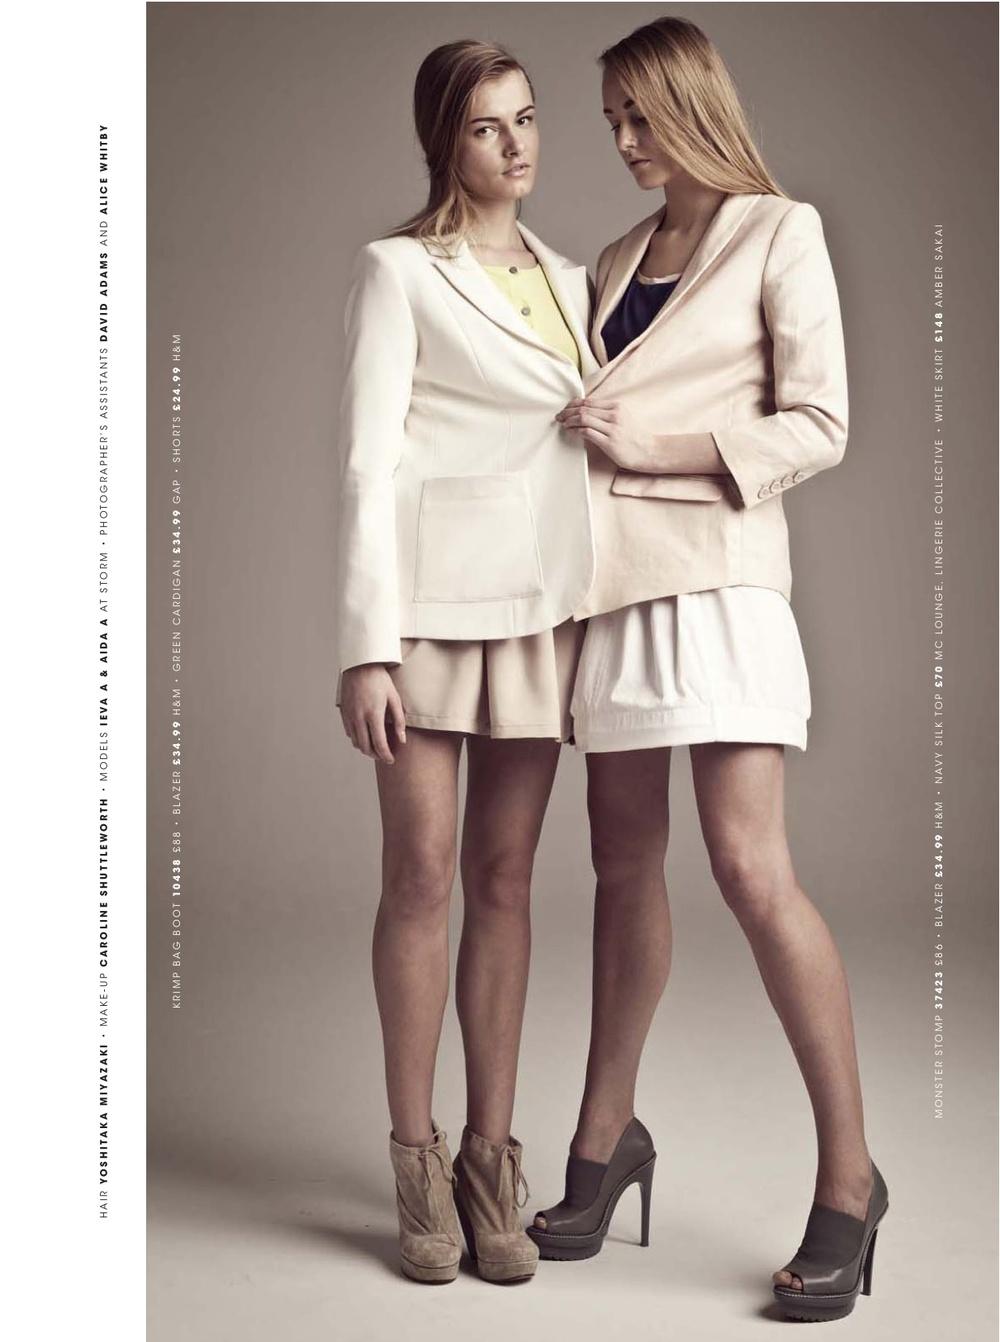 Amber Sakai - Office Magazine - Spring 2011 - Main Fashion (dragged)(2).jpg